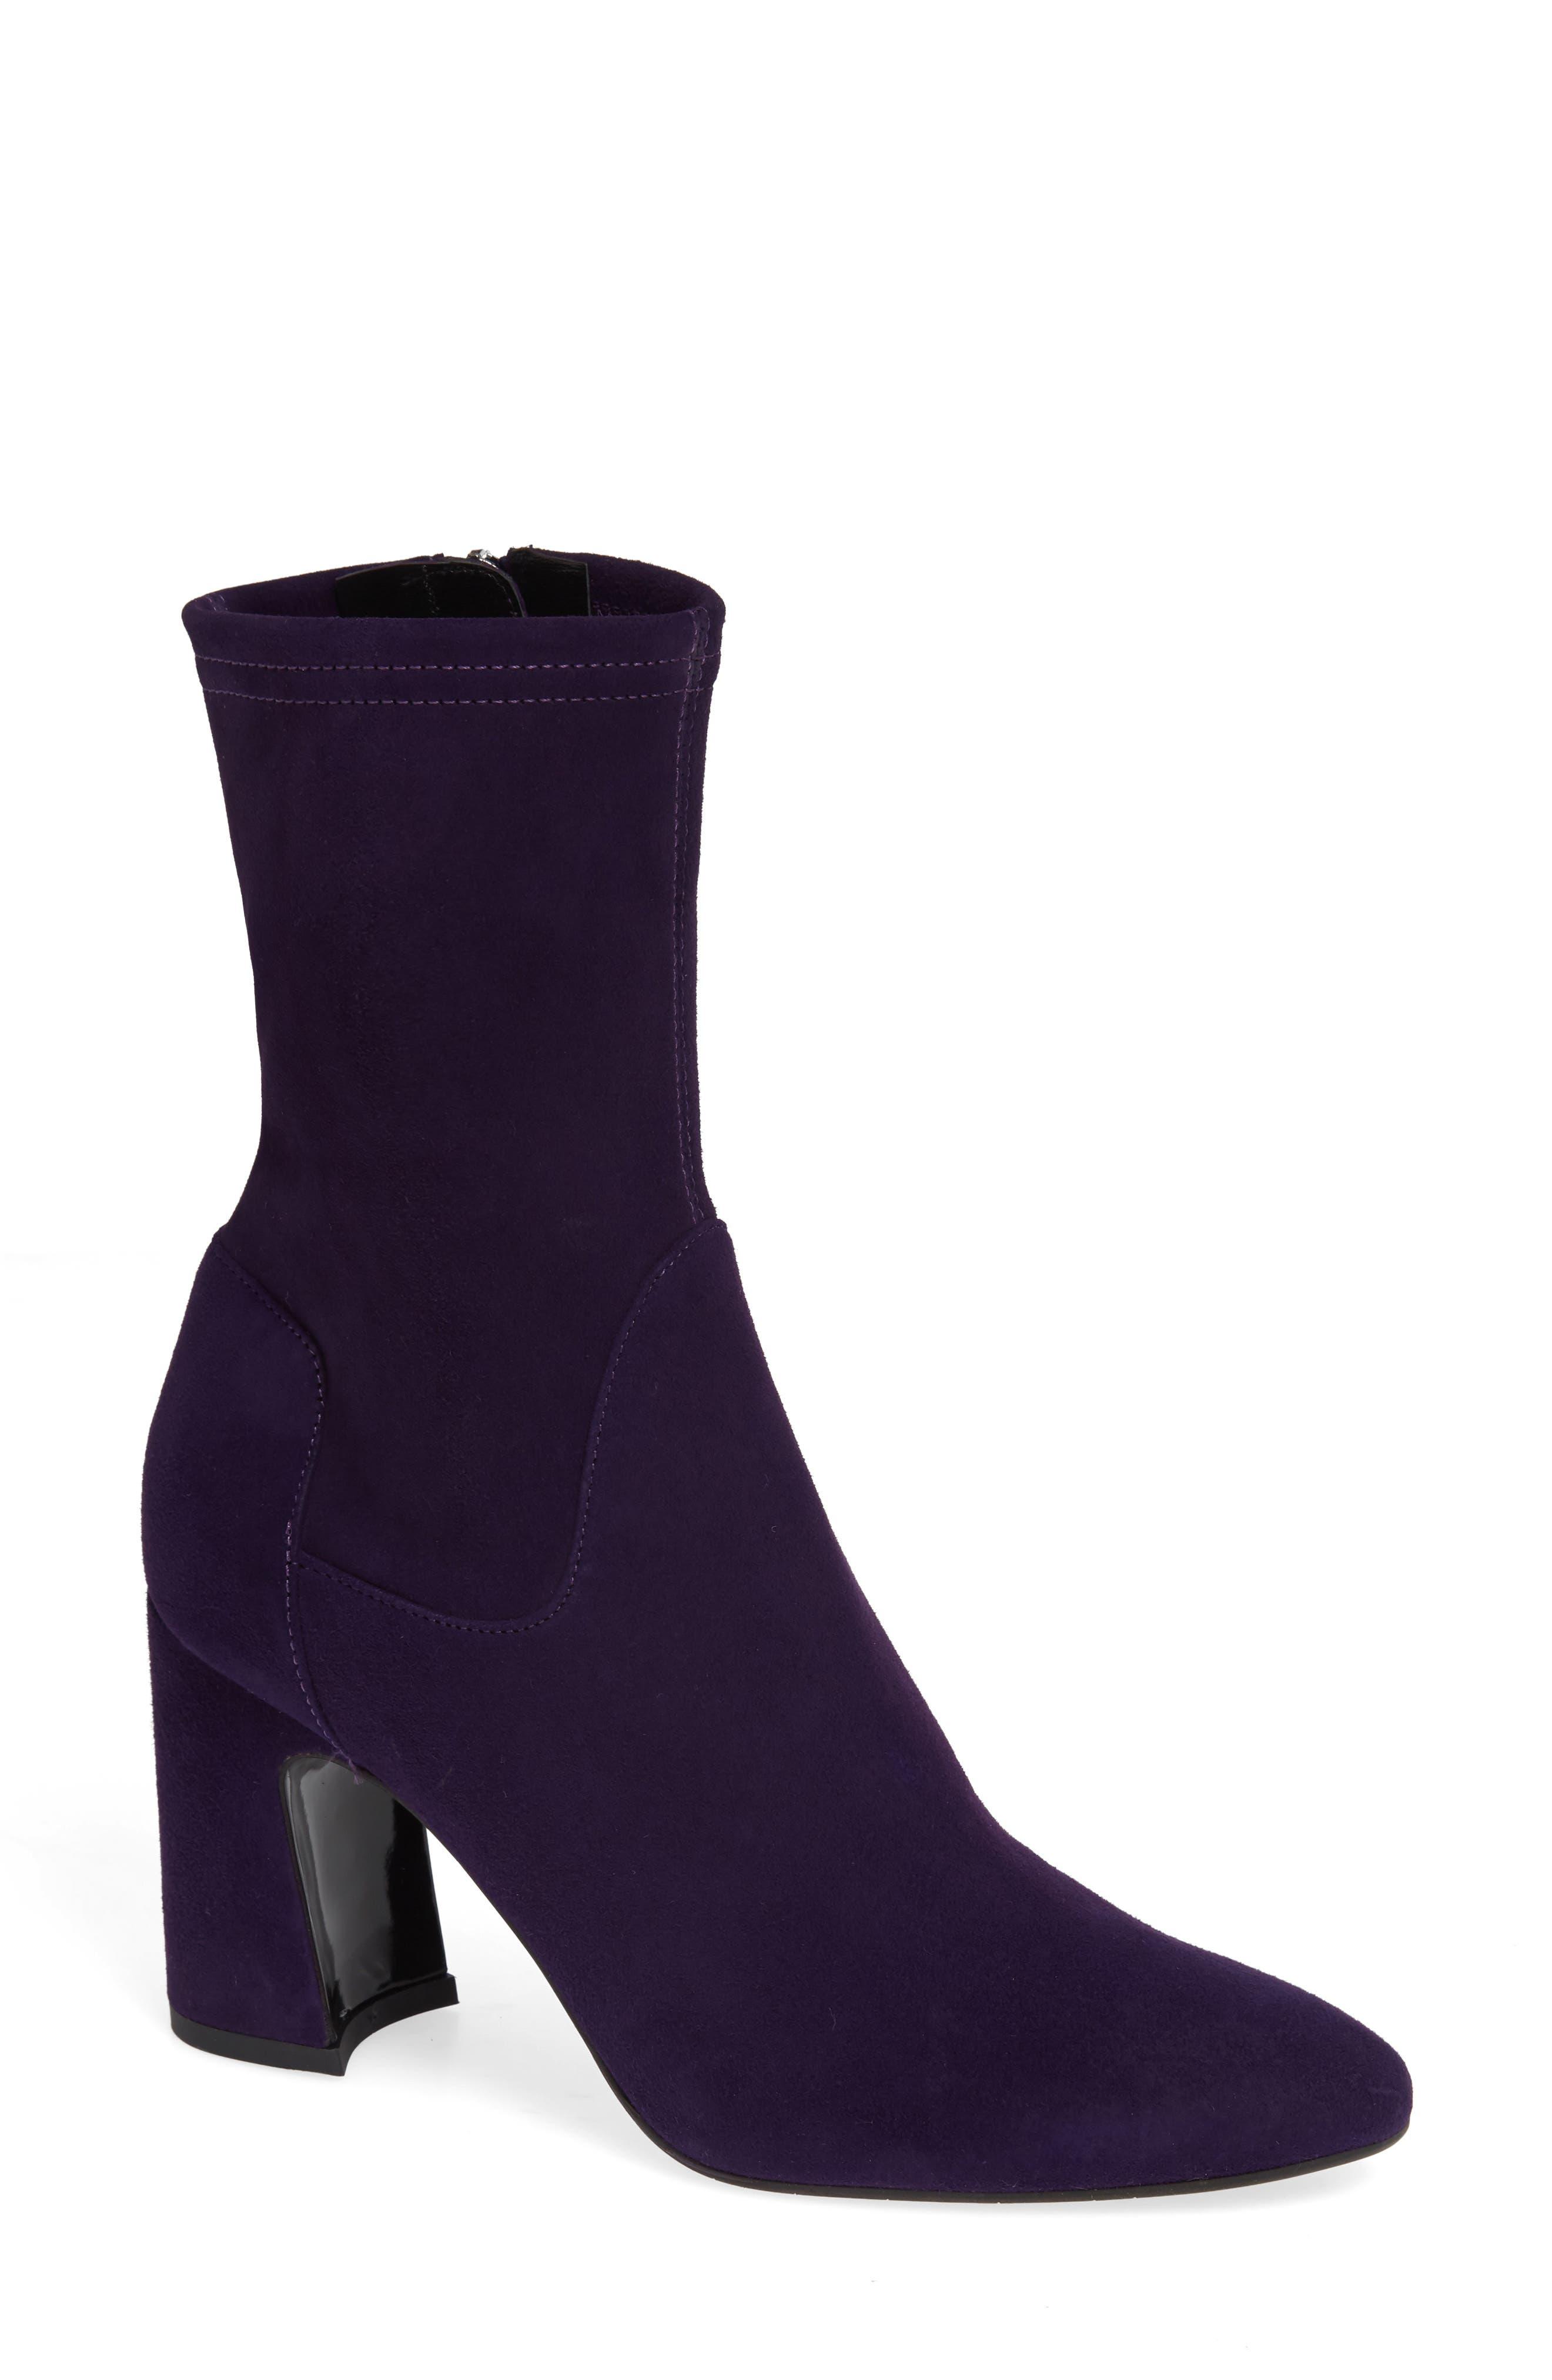 Aquatalia Nastasia Stretch Suede Boot- Purple